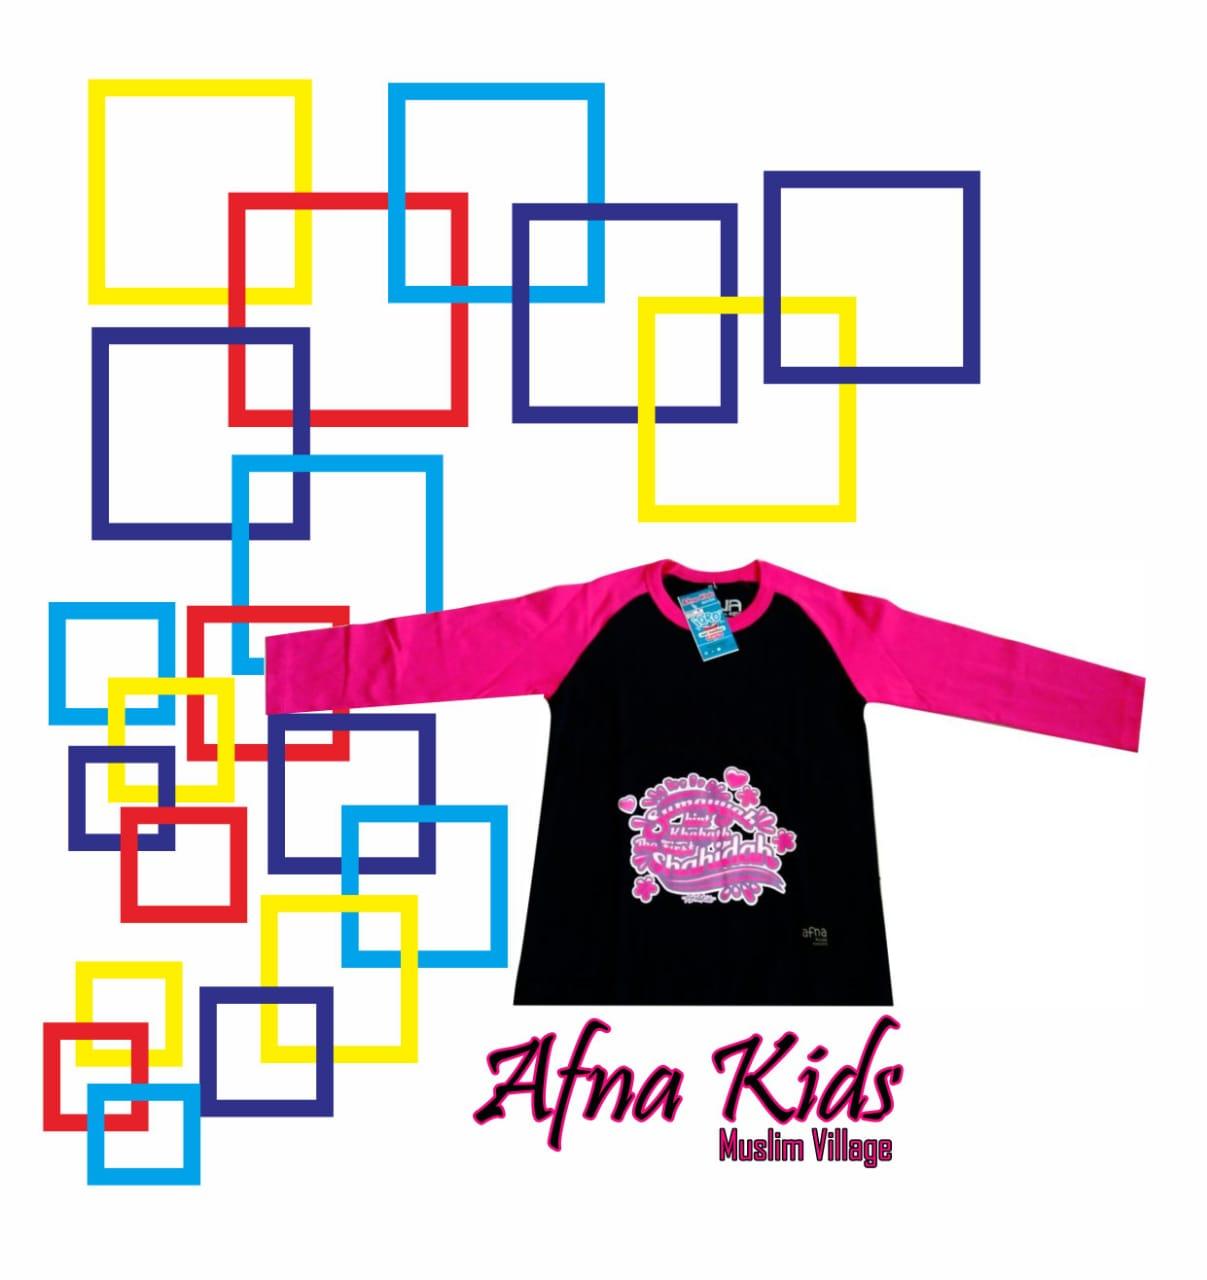 Kaos Afna Kids